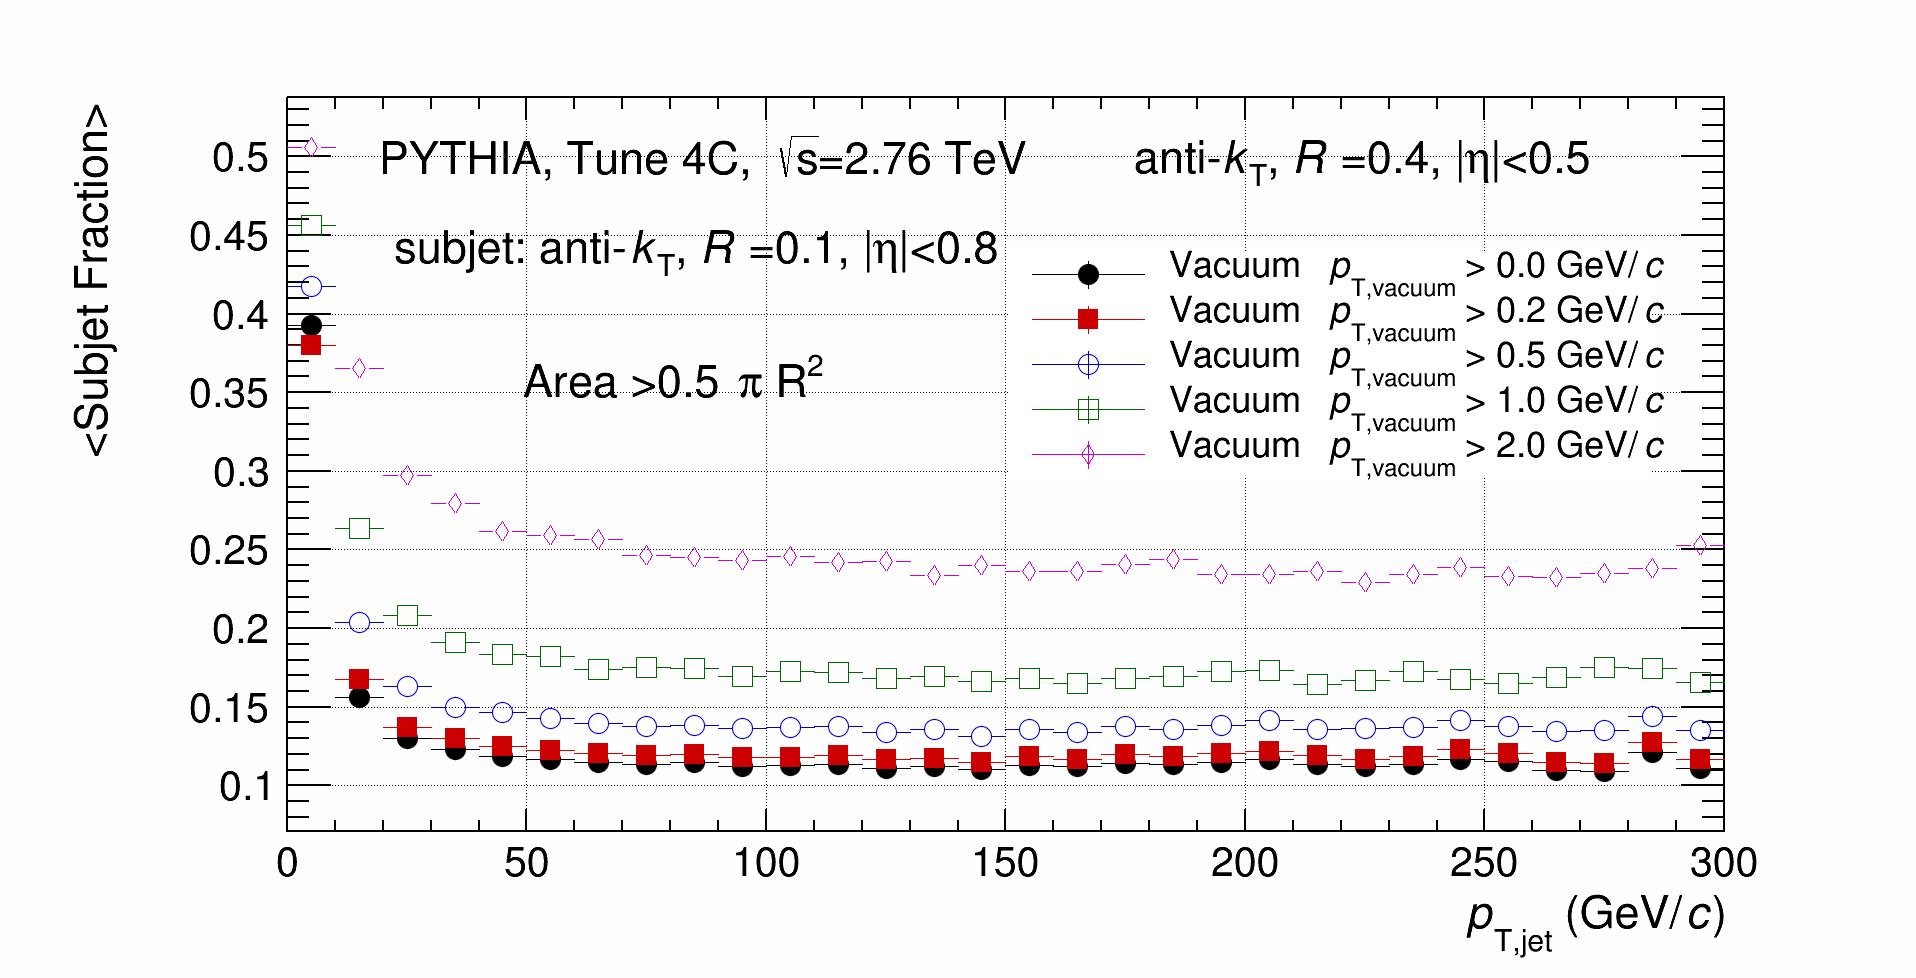 Vacuum_Fraction_MeanValue.png